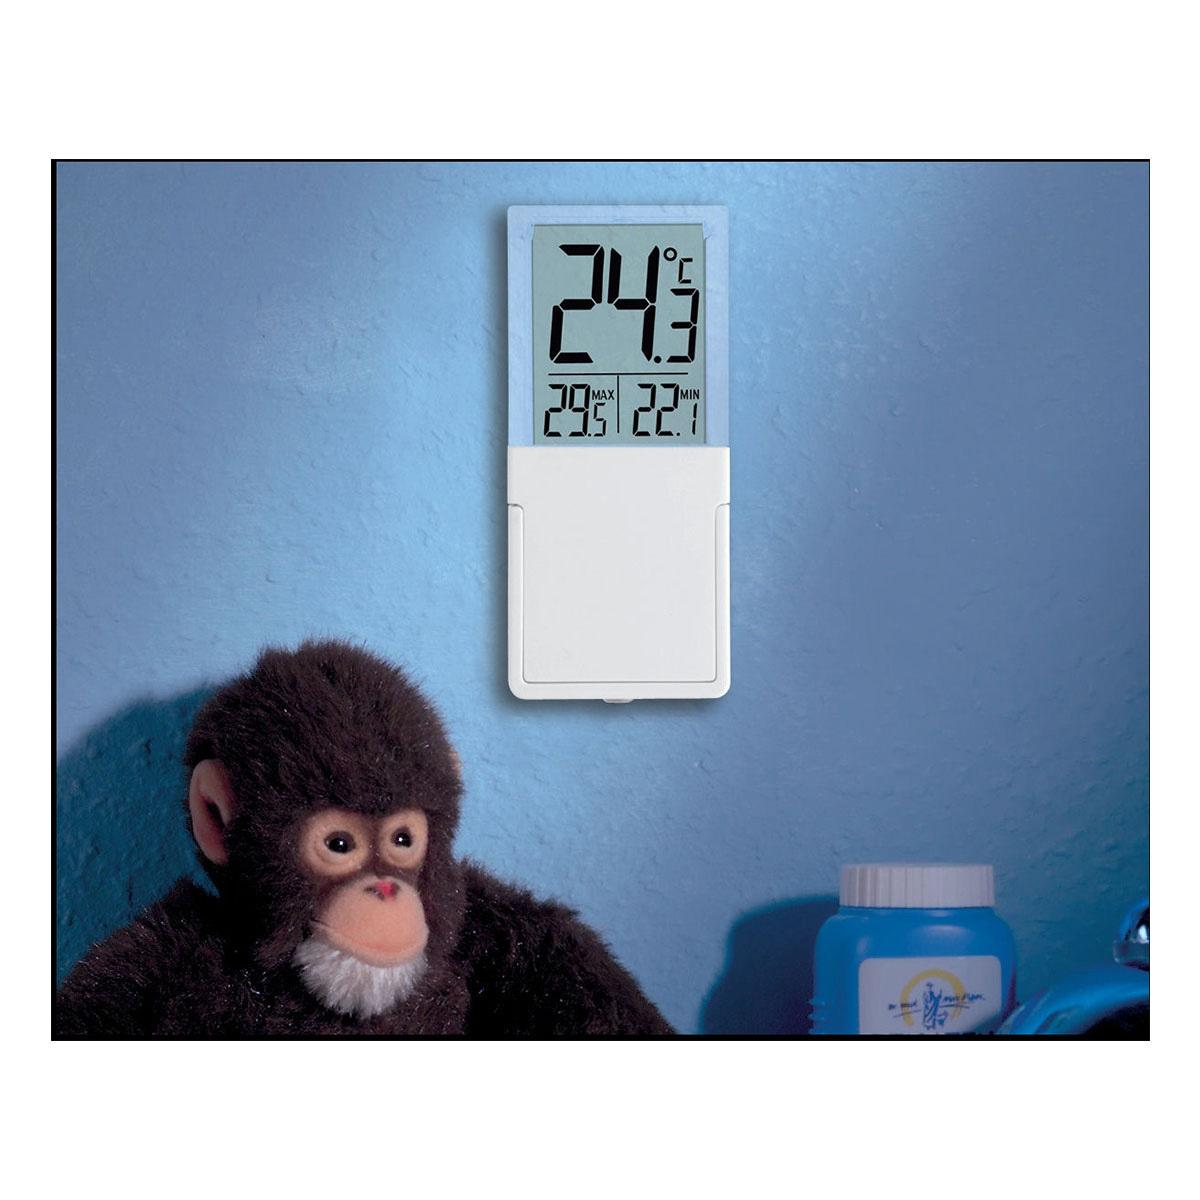 30-1030-digitales-fenster-innenthermometer-vista-anwendung-1200x1200px.jpg